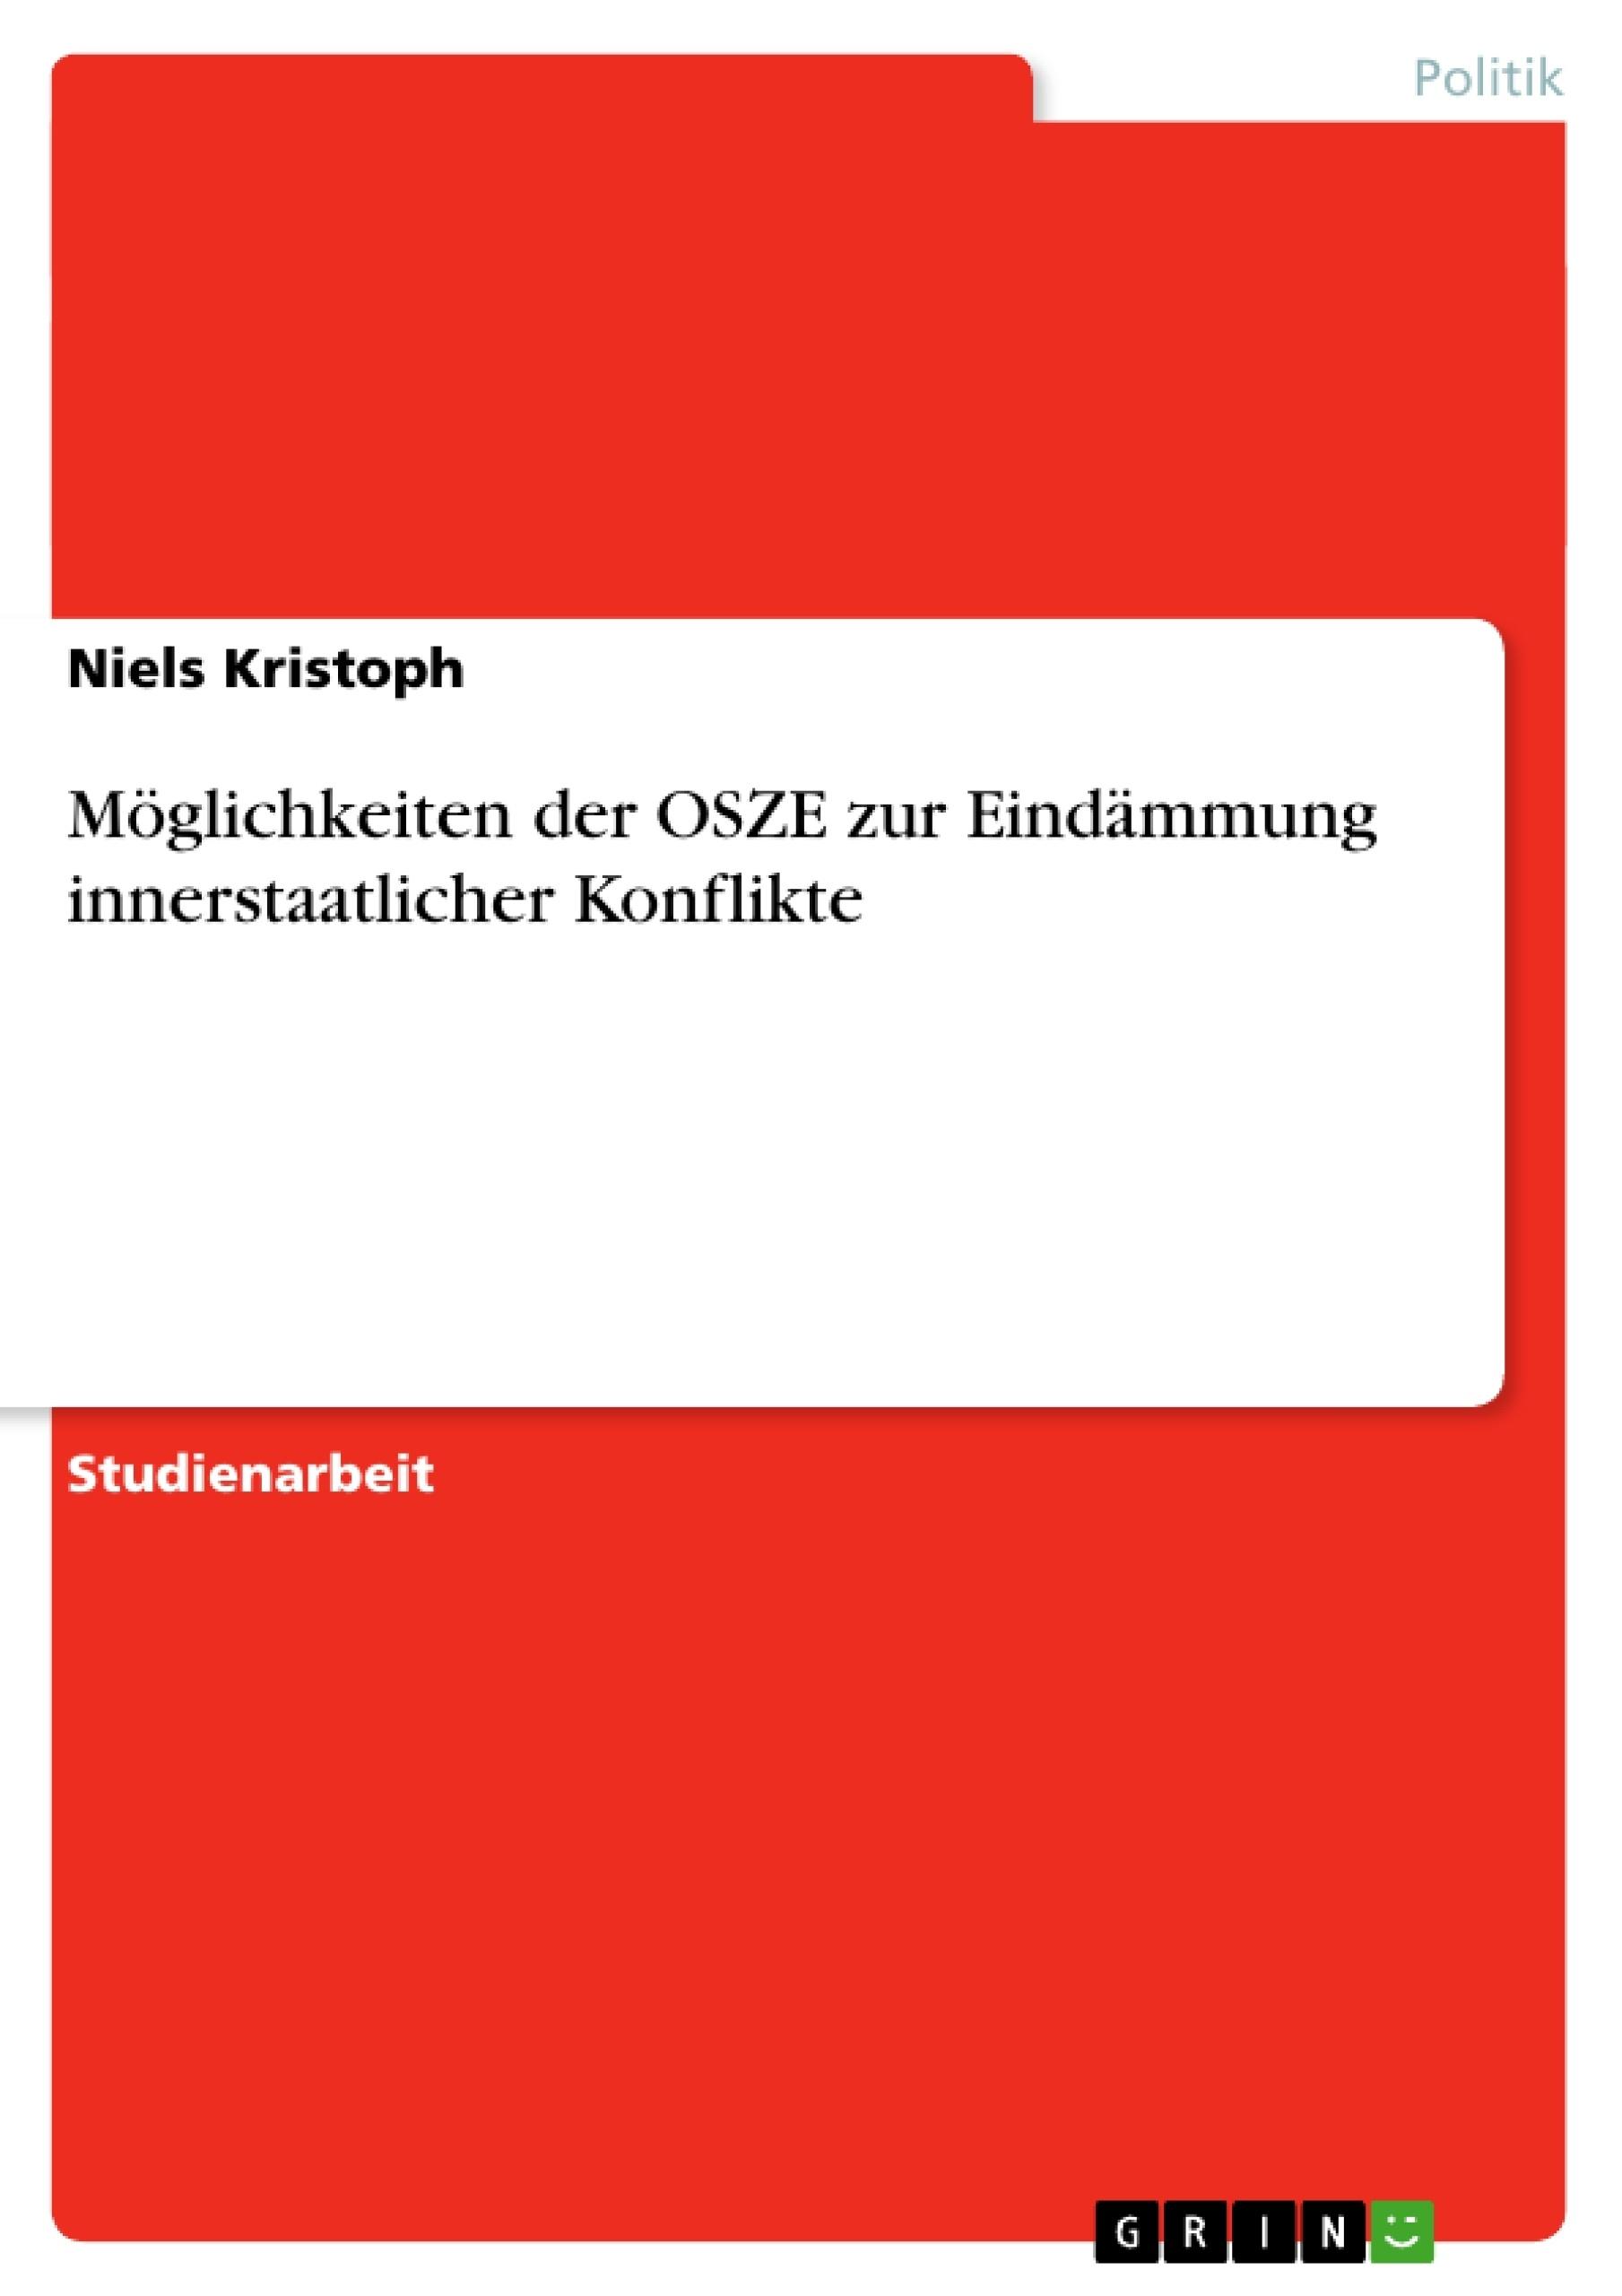 Titel: Möglichkeiten der OSZE zur Eindämmung innerstaatlicher Konflikte